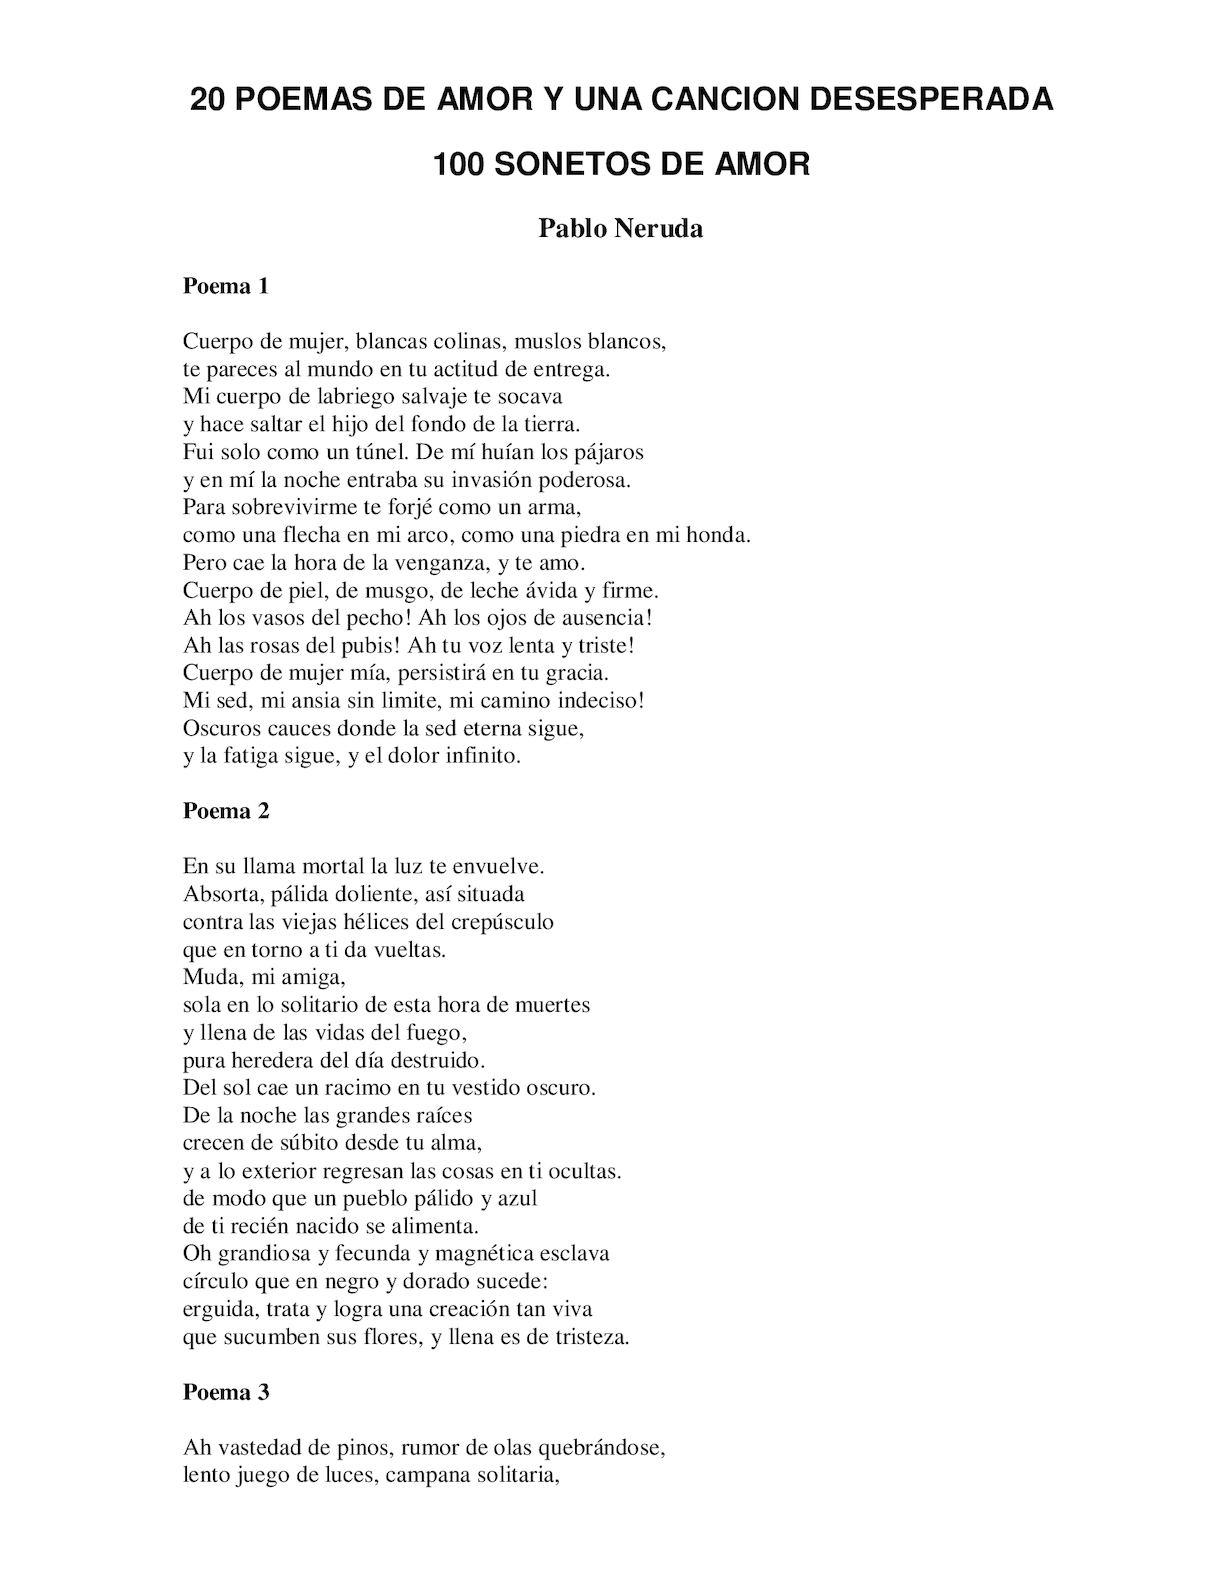 Calaméo Pablo Neruda 20 Poemas De Amor Y Una Canción